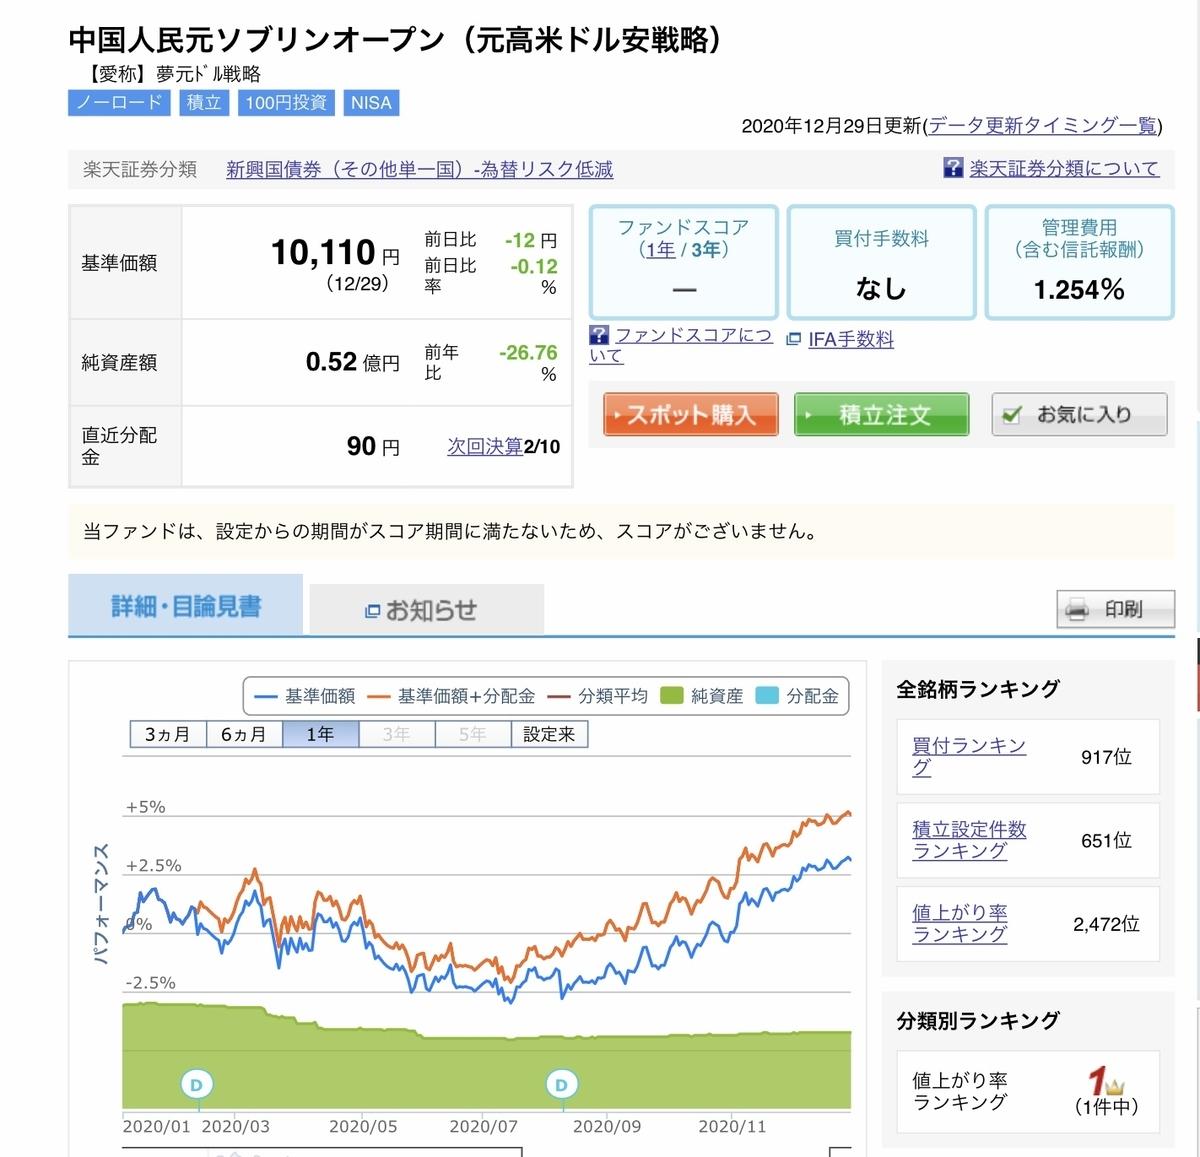 f:id:US-Stocks:20201230151906j:plain